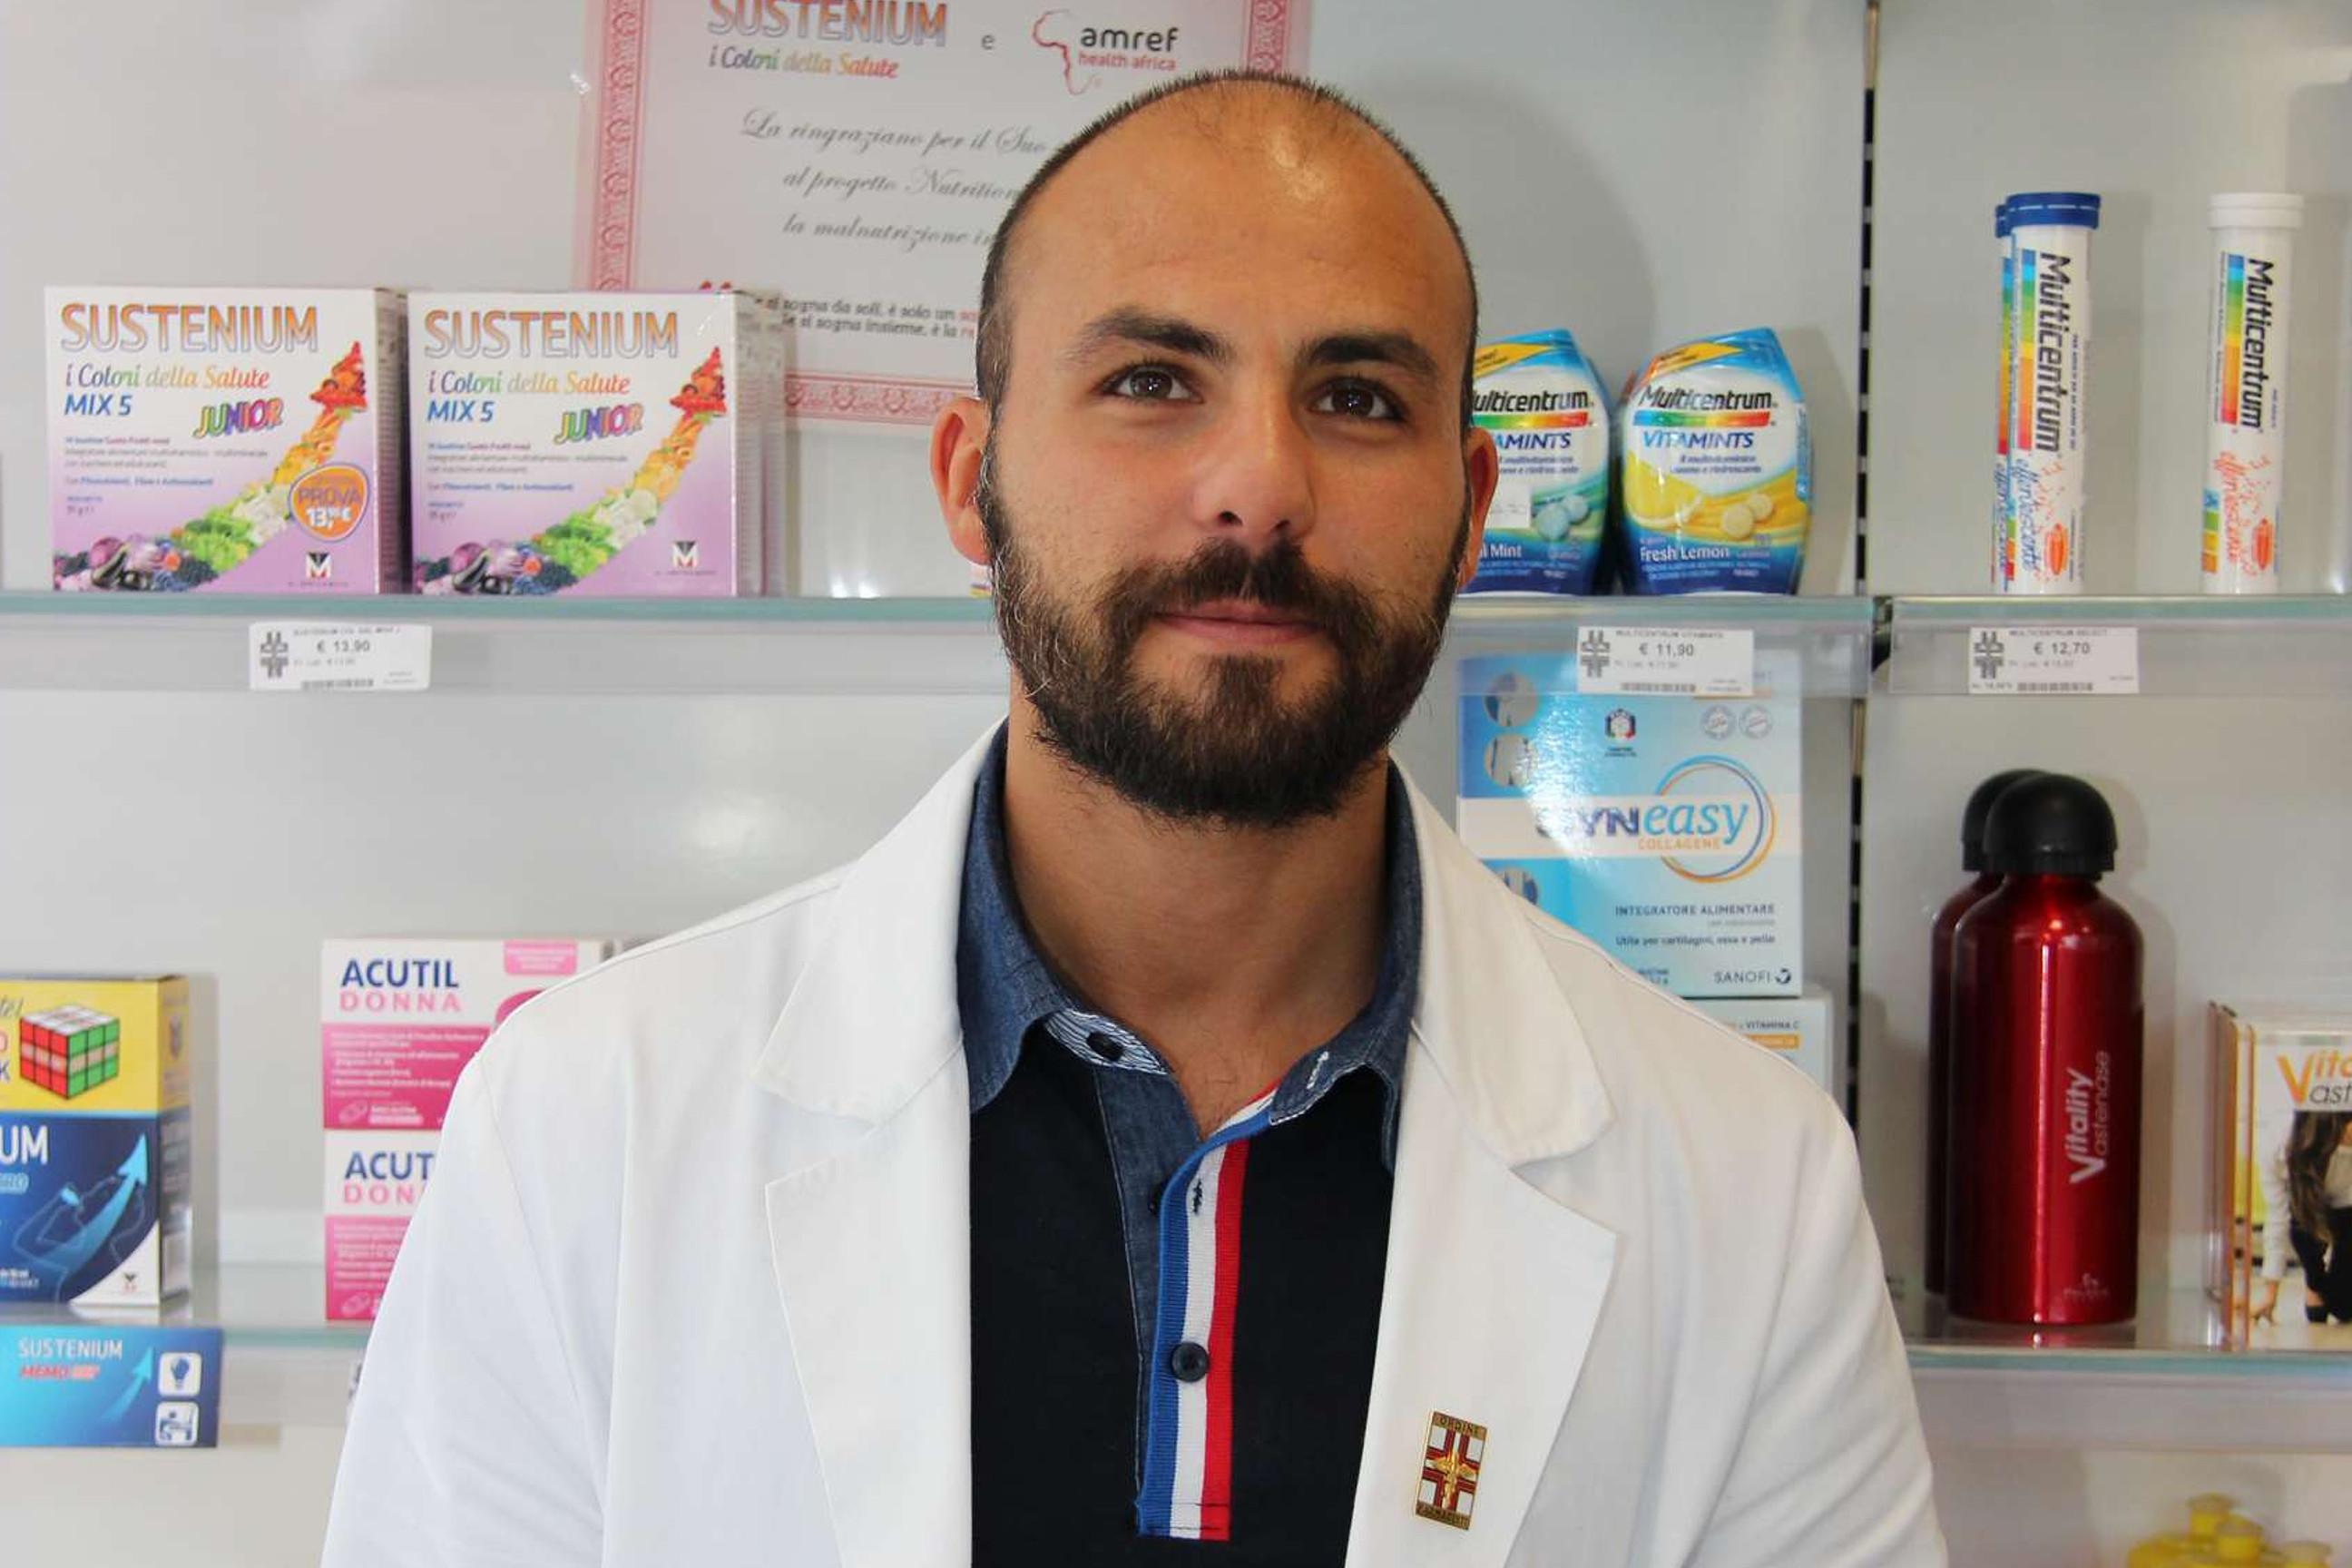 farmacia-delogu-sassari-lattedolce-turno-staff